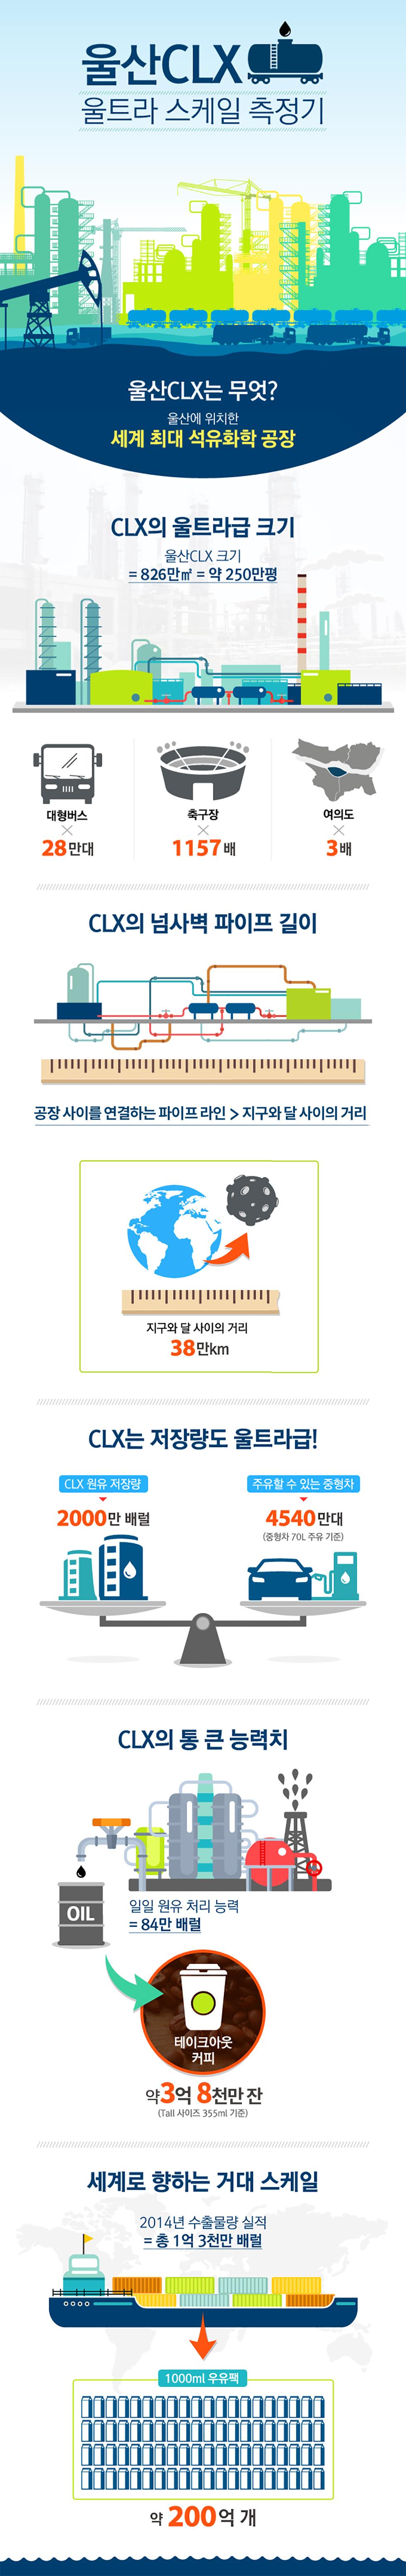 [SKI] 울산CLX 울트라 스케일 수정